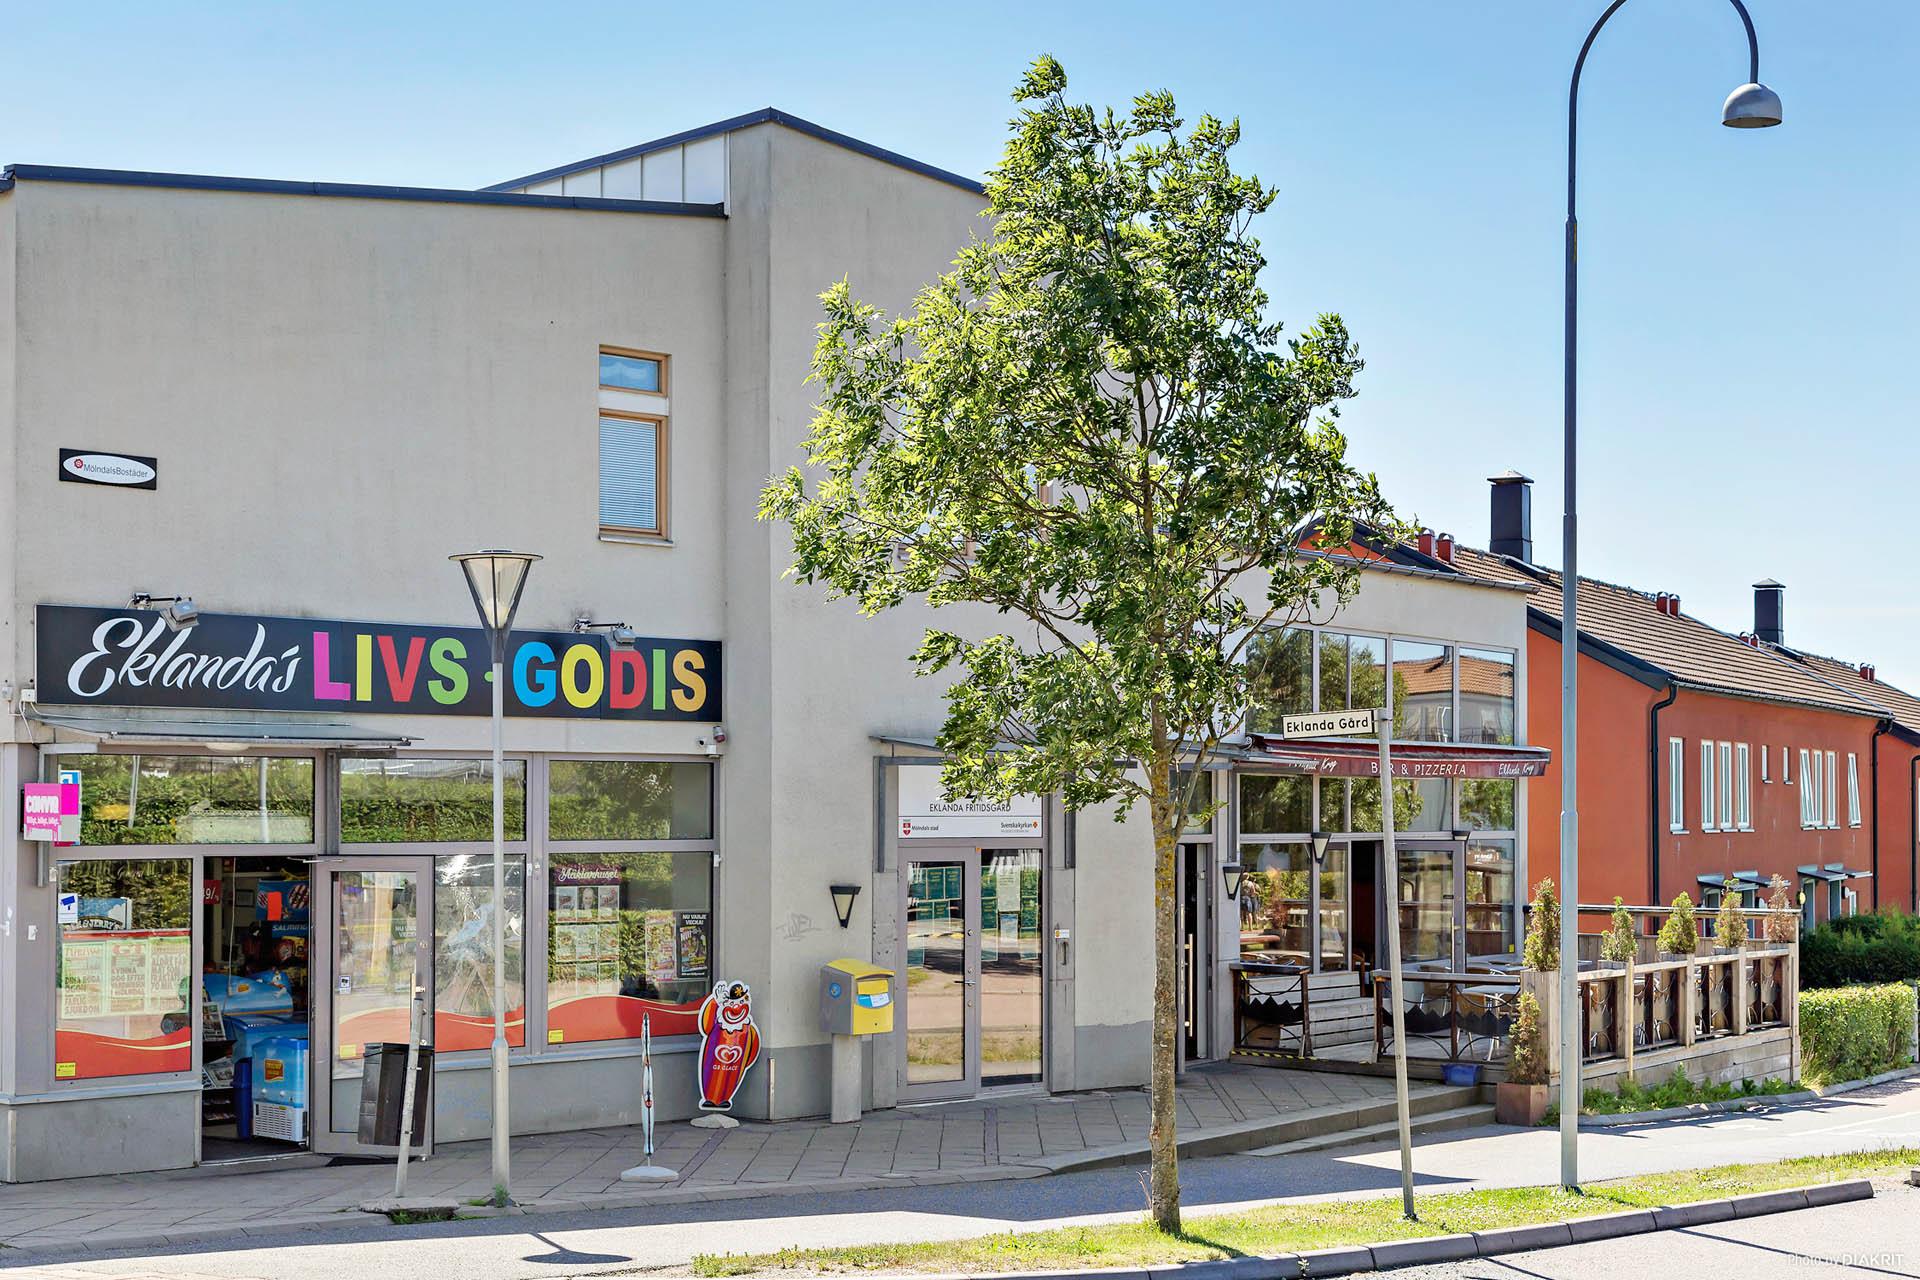 Affär och restaurang i närheten!